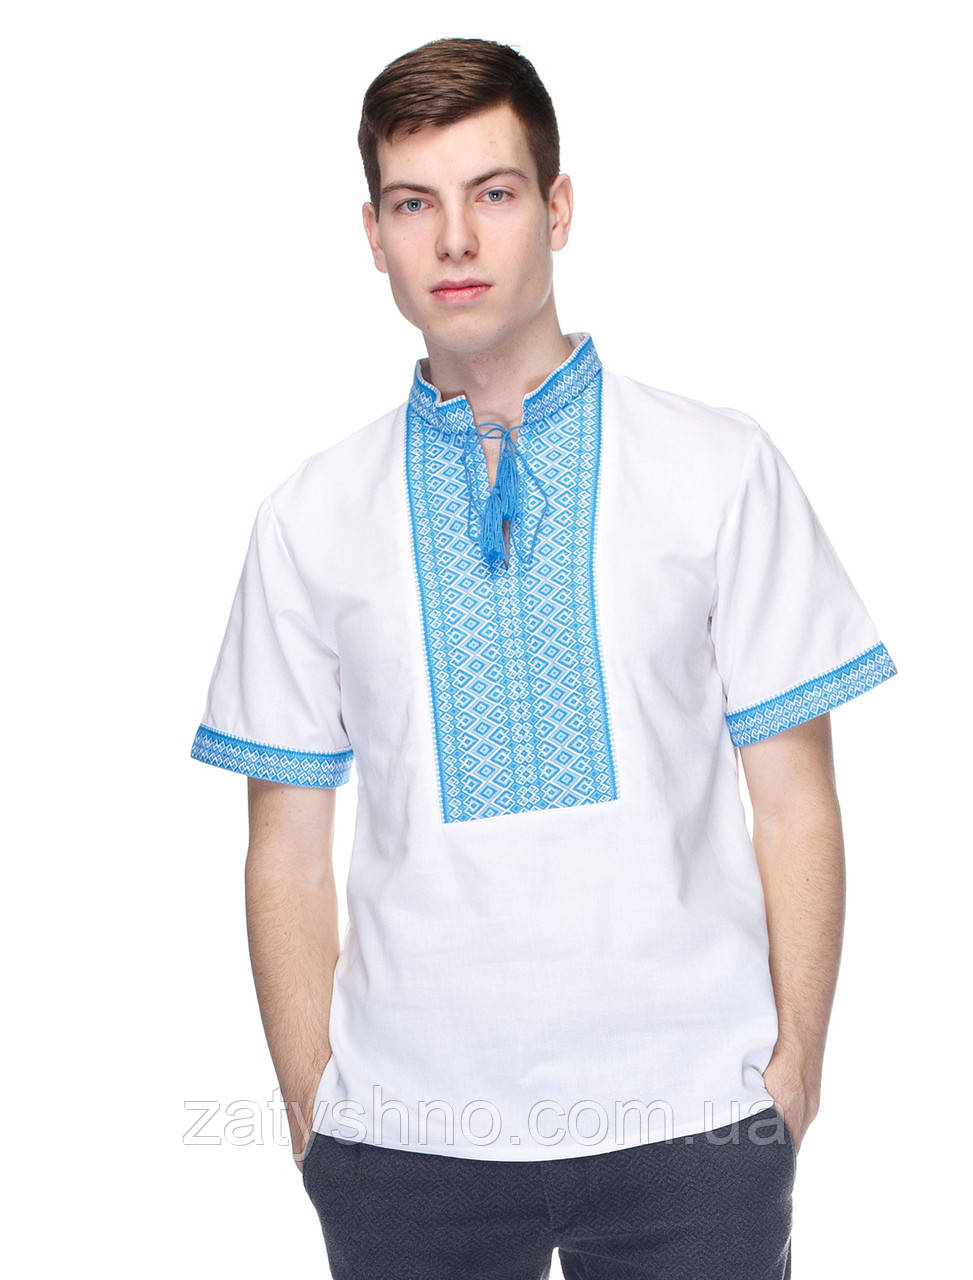 Мужская вышиванка с коротким рукавом, фото 1